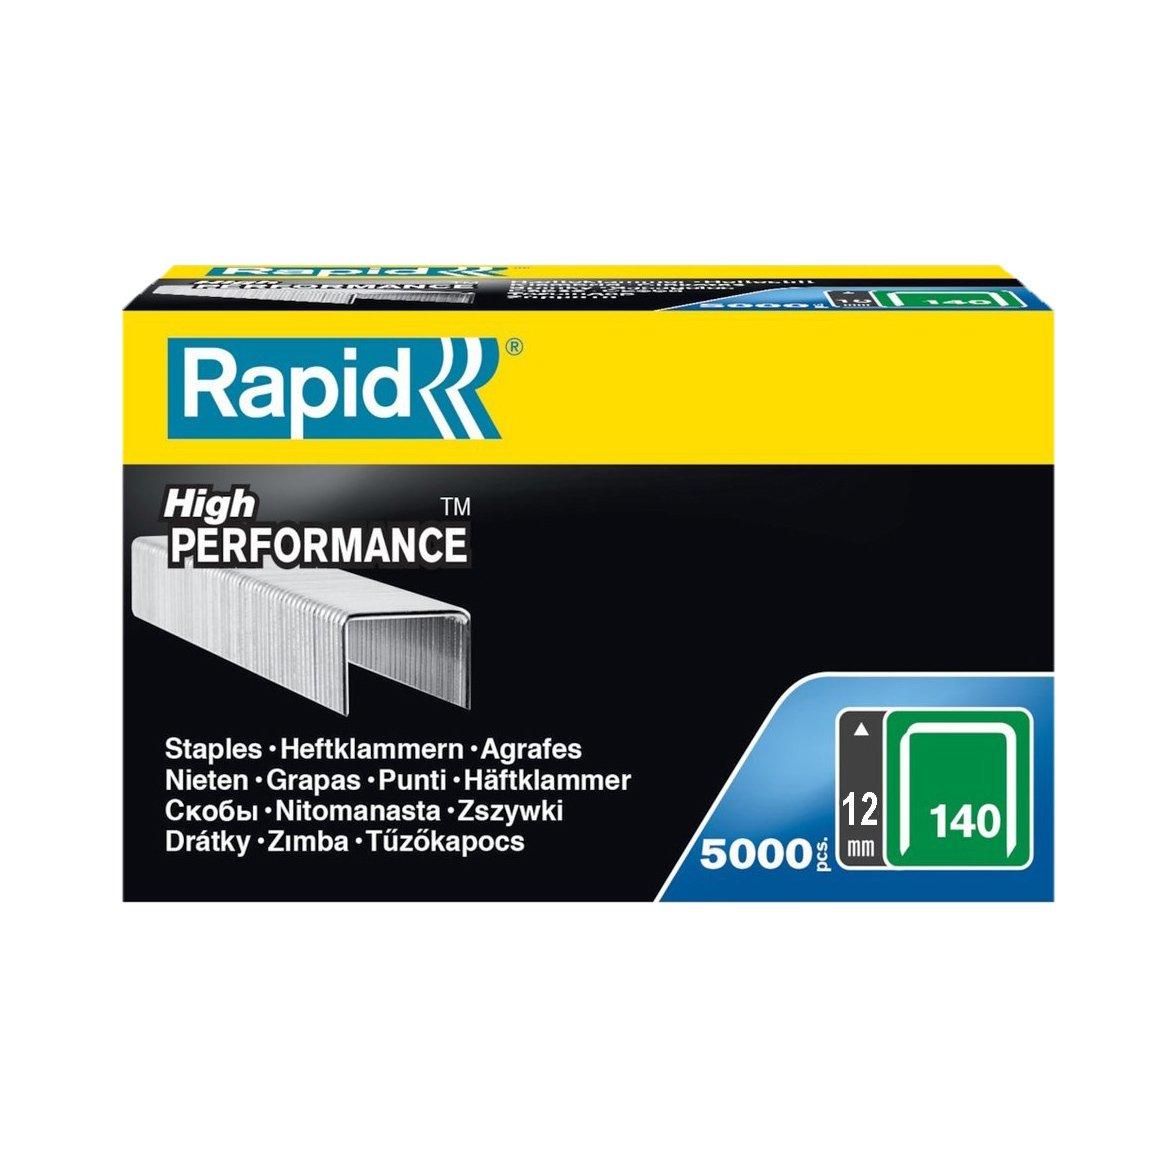 Rapid, 11915611, Agrafes N°140, Longueur 14mm, 5000 pièces, Pour les travaux de construction et d'isolation, Fil galvanisé, Haute performance